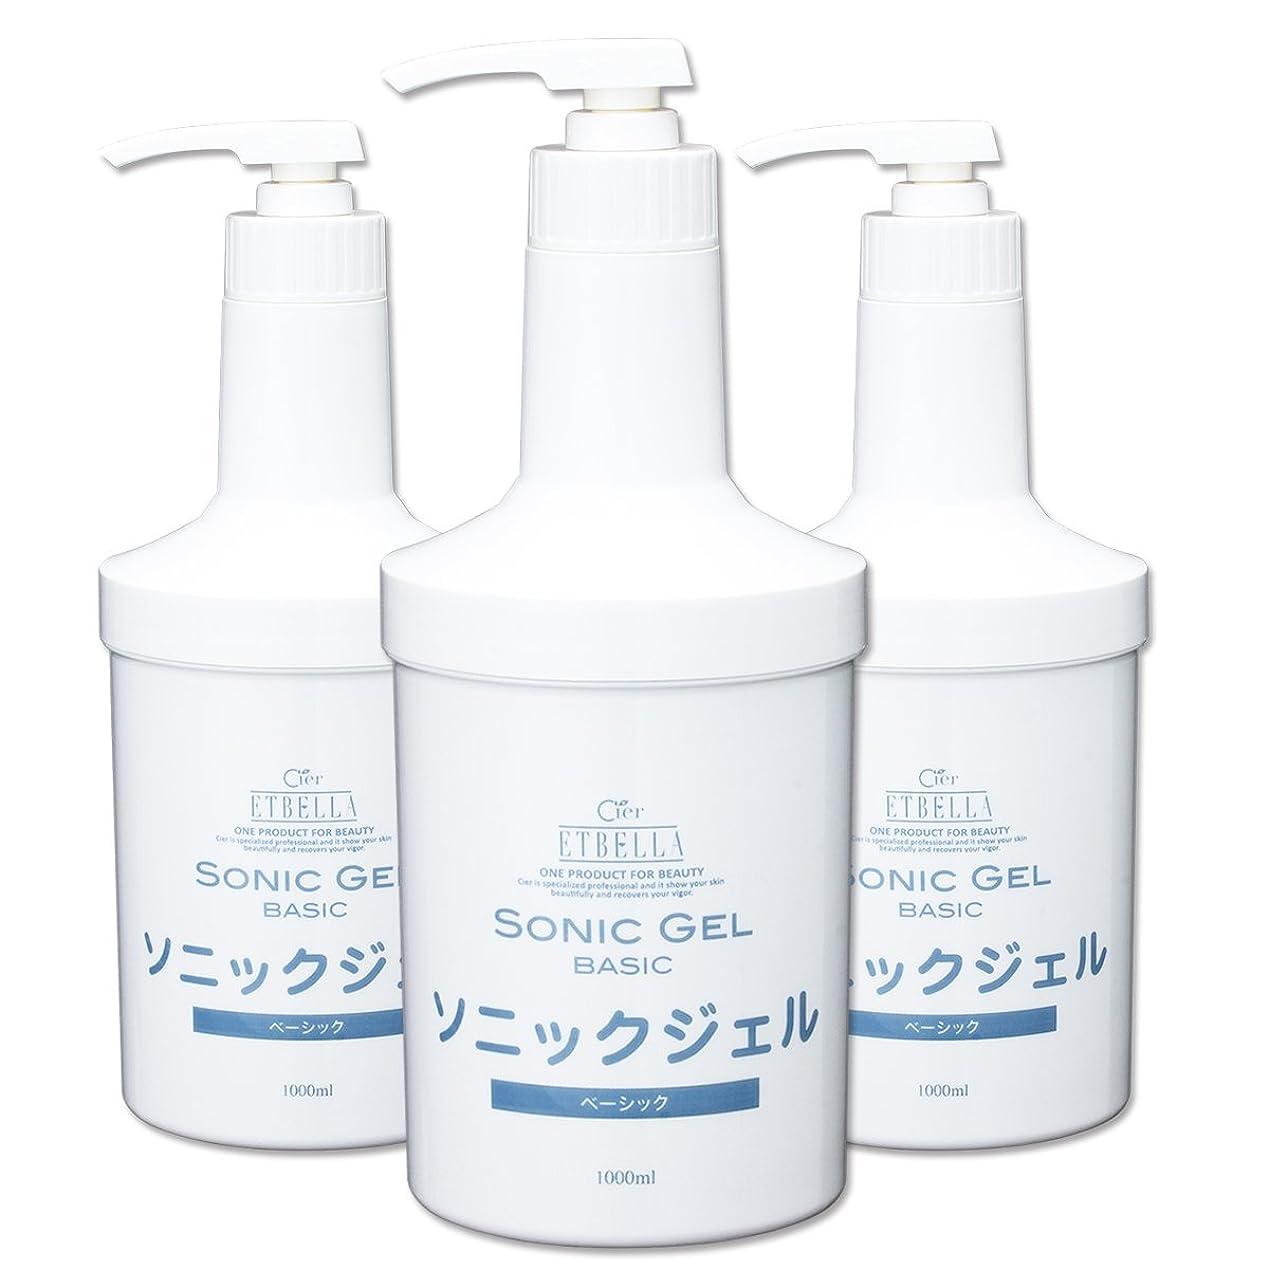 観点スワッププーノPHO ボディケアメソクリーム 50g (香料、着色料不使用)